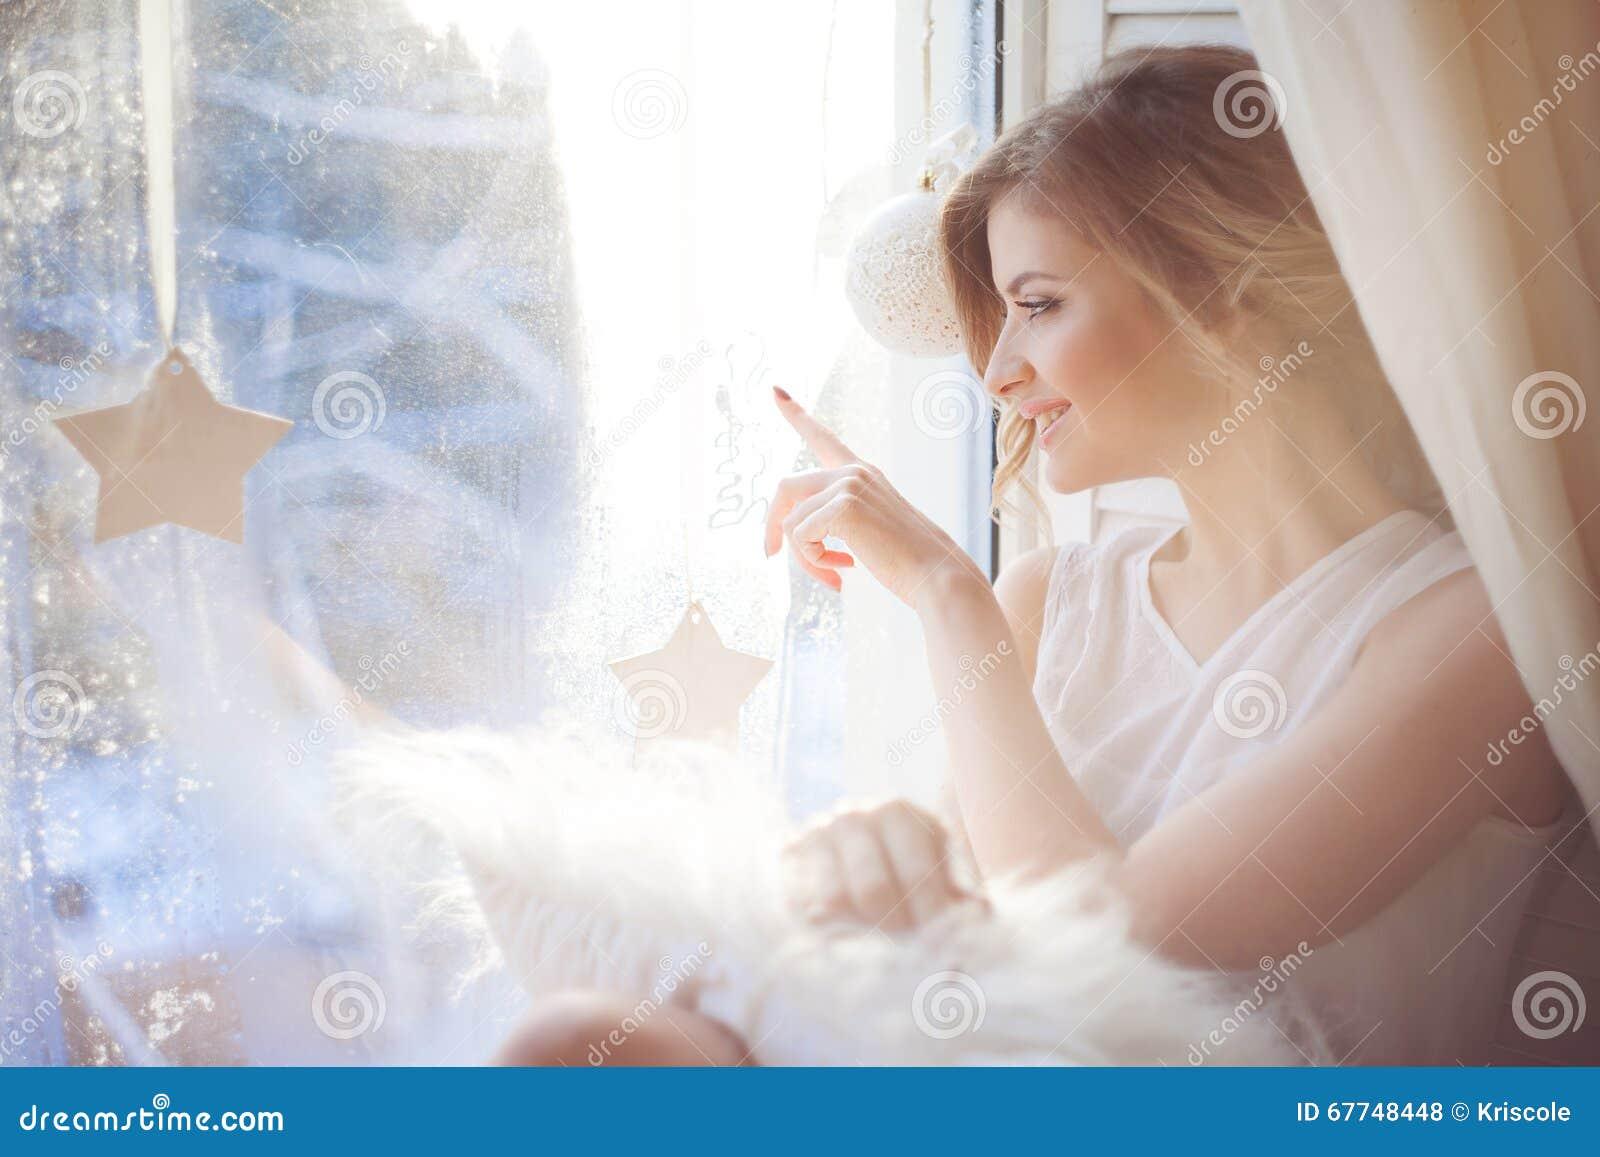 Piękna kobieta z świeżym dziennym makeup i romantyczną falistą fryzurą siedzi przy windowsill, rysuje na szkle